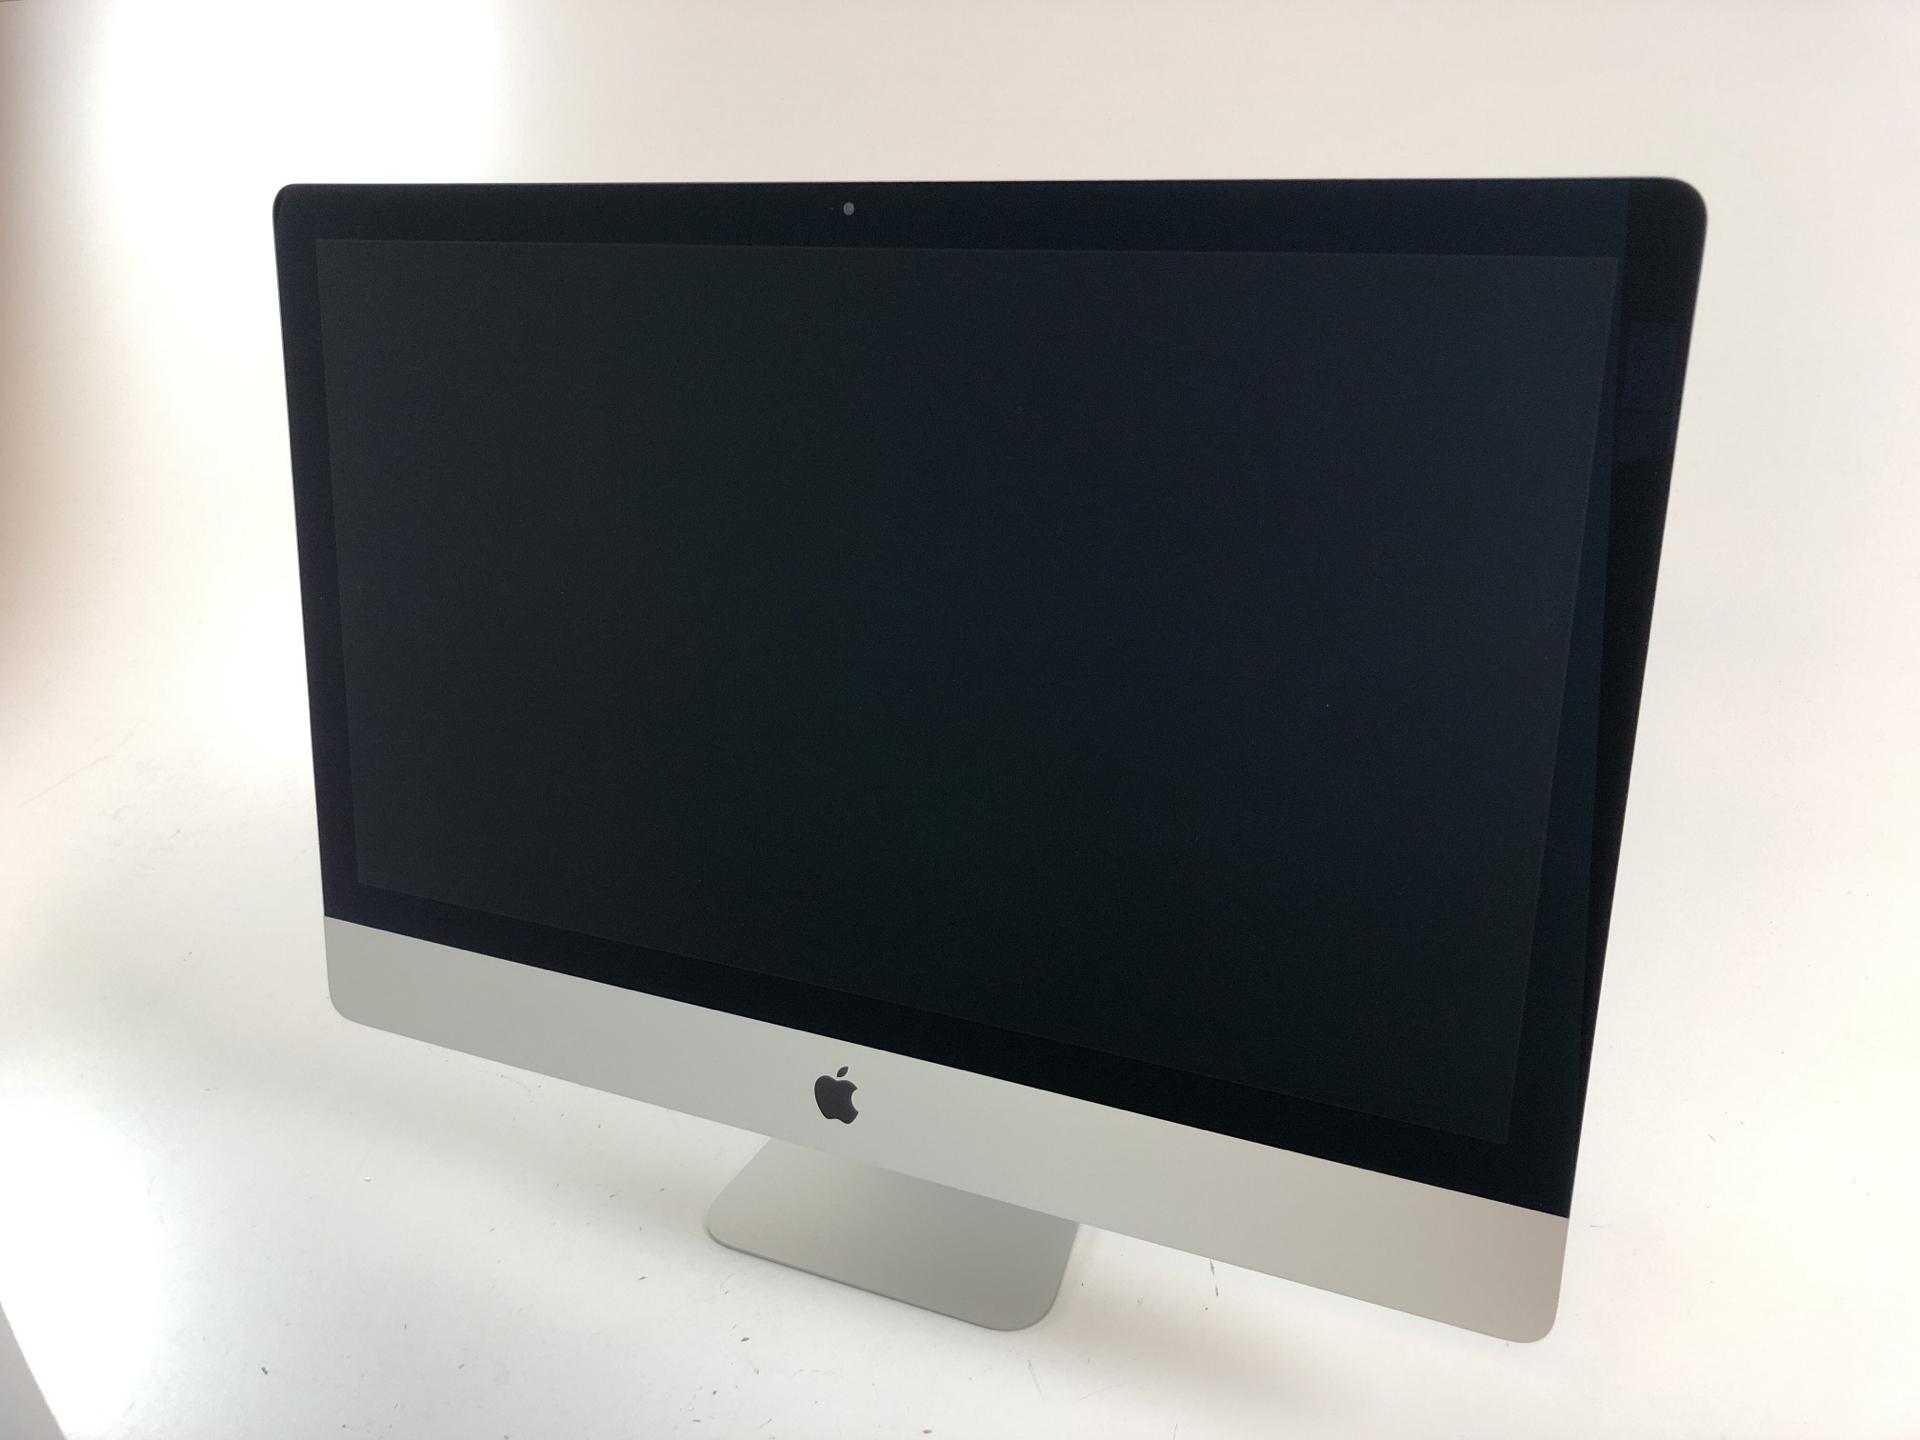 """iMac 27"""" Retina 5K Mid 2017 (Intel Quad-Core i5 3.8 GHz 8 GB RAM 2 TB Fusion Drive), Intel Quad-Core i5 3.8 GHz, 8 GB RAM, 2 TB Fusion Drive, Kuva 1"""